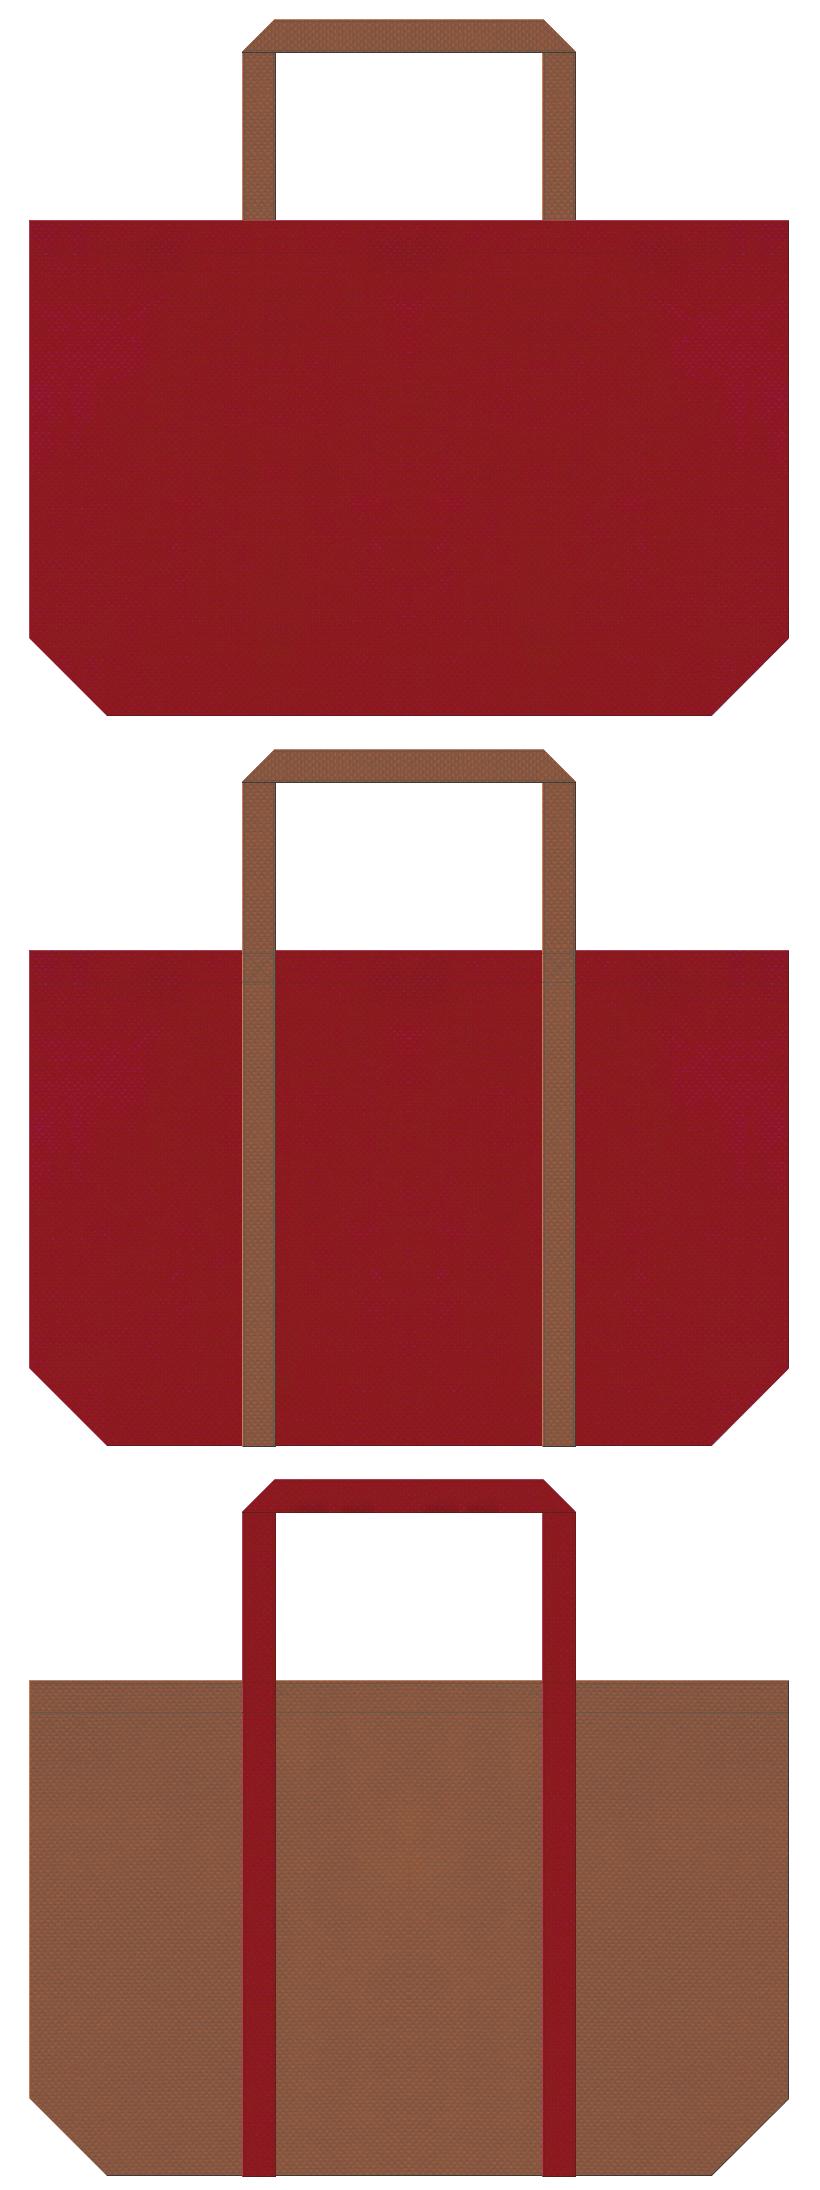 茶会・観光土産・味噌・醤油・煎餅・和菓子・和雑貨・和風催事・ぜんざい・甘味処・年賀・正月・福袋にお奨め:エンジ色と茶色の不織布ショッピングバッグのデザイン